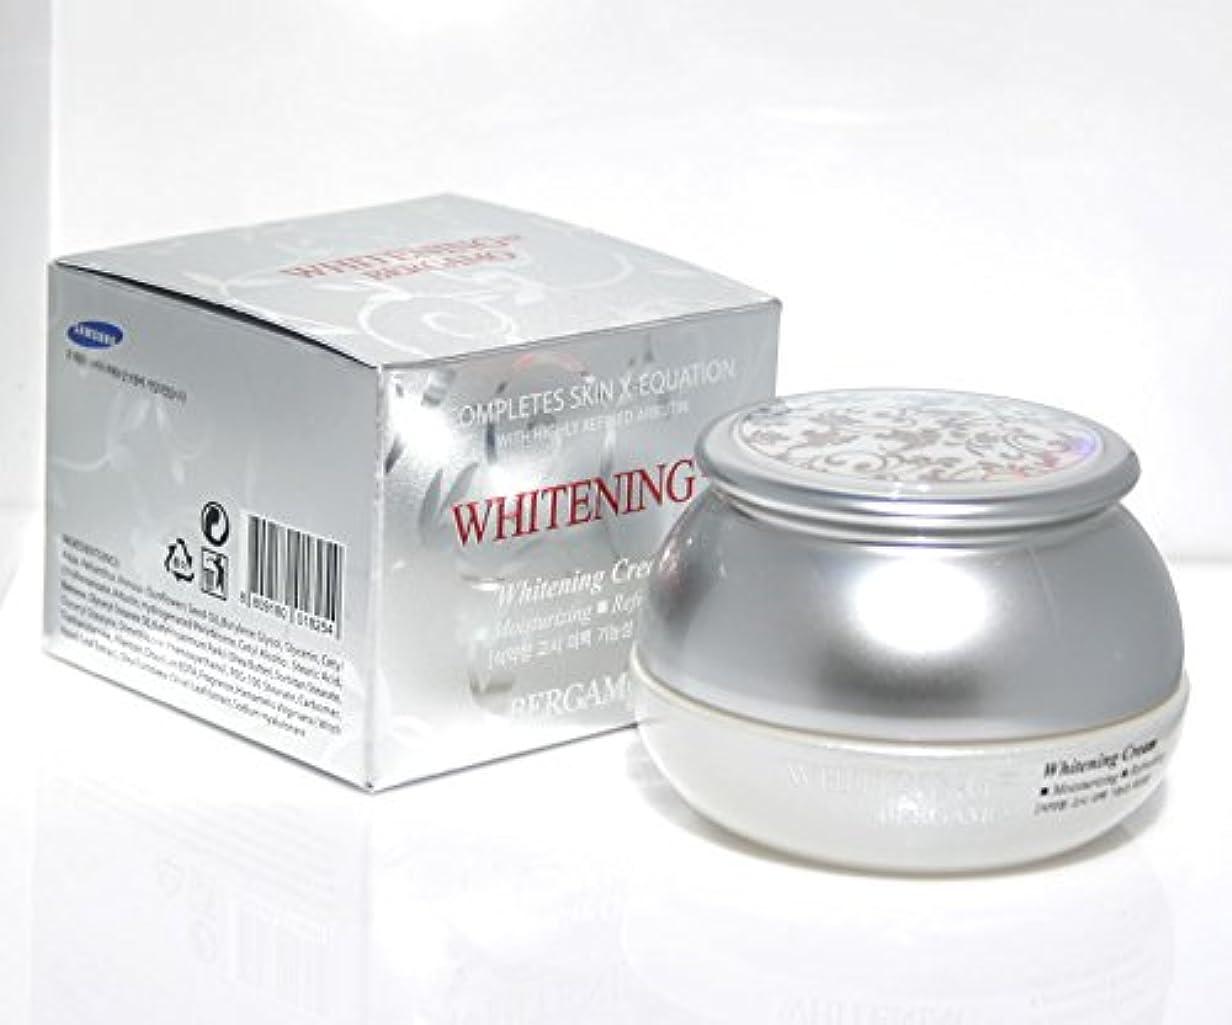 追加するによってライター【ベルガモ][Bergamo]  は、高度に精製アルブチンホワイトニング例クリーム50g /  Completes Skin X-equation with Highly Refined Albutin Whitening Ex Cream 50g /  を完了は、皮膚のX-式、さわやか / Whitening,moisturizing,refreshing / 韓国化粧品 / Korean Cosmetics [並行輸入品]